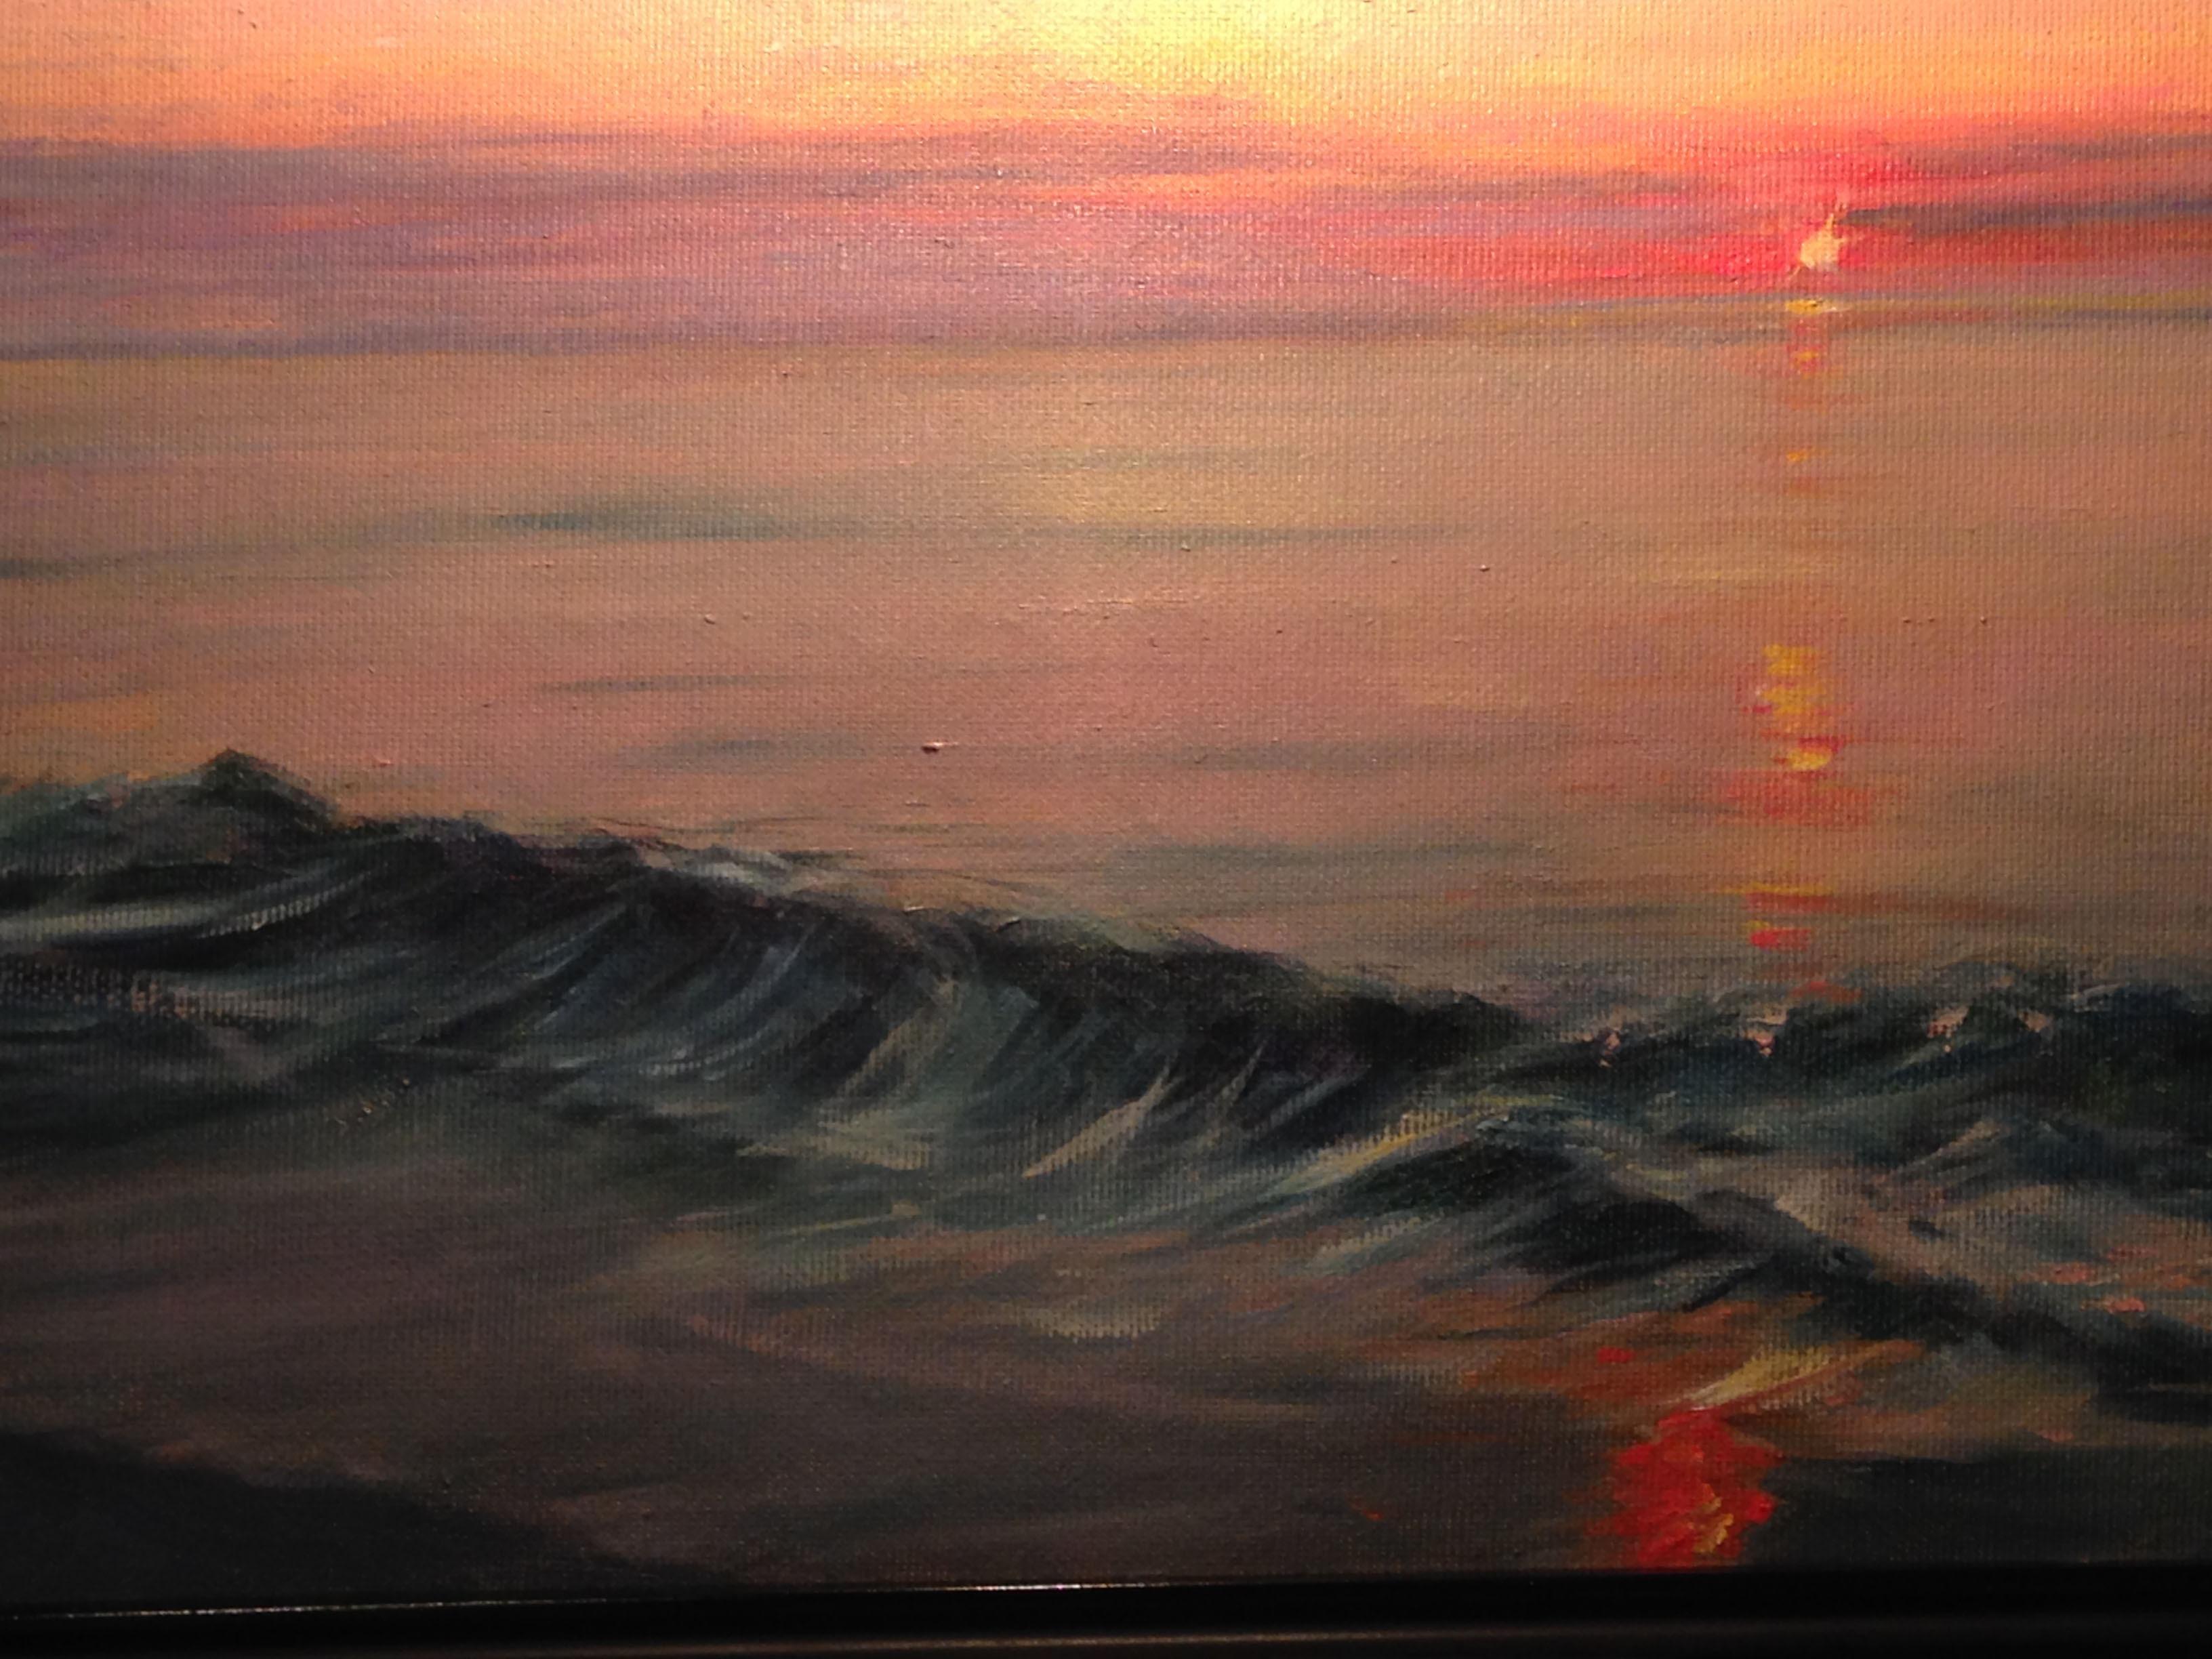 77fbf7af29b8b190005e_Elizabeth_Gillin-Mantoloking_Sunrise-1.jpg